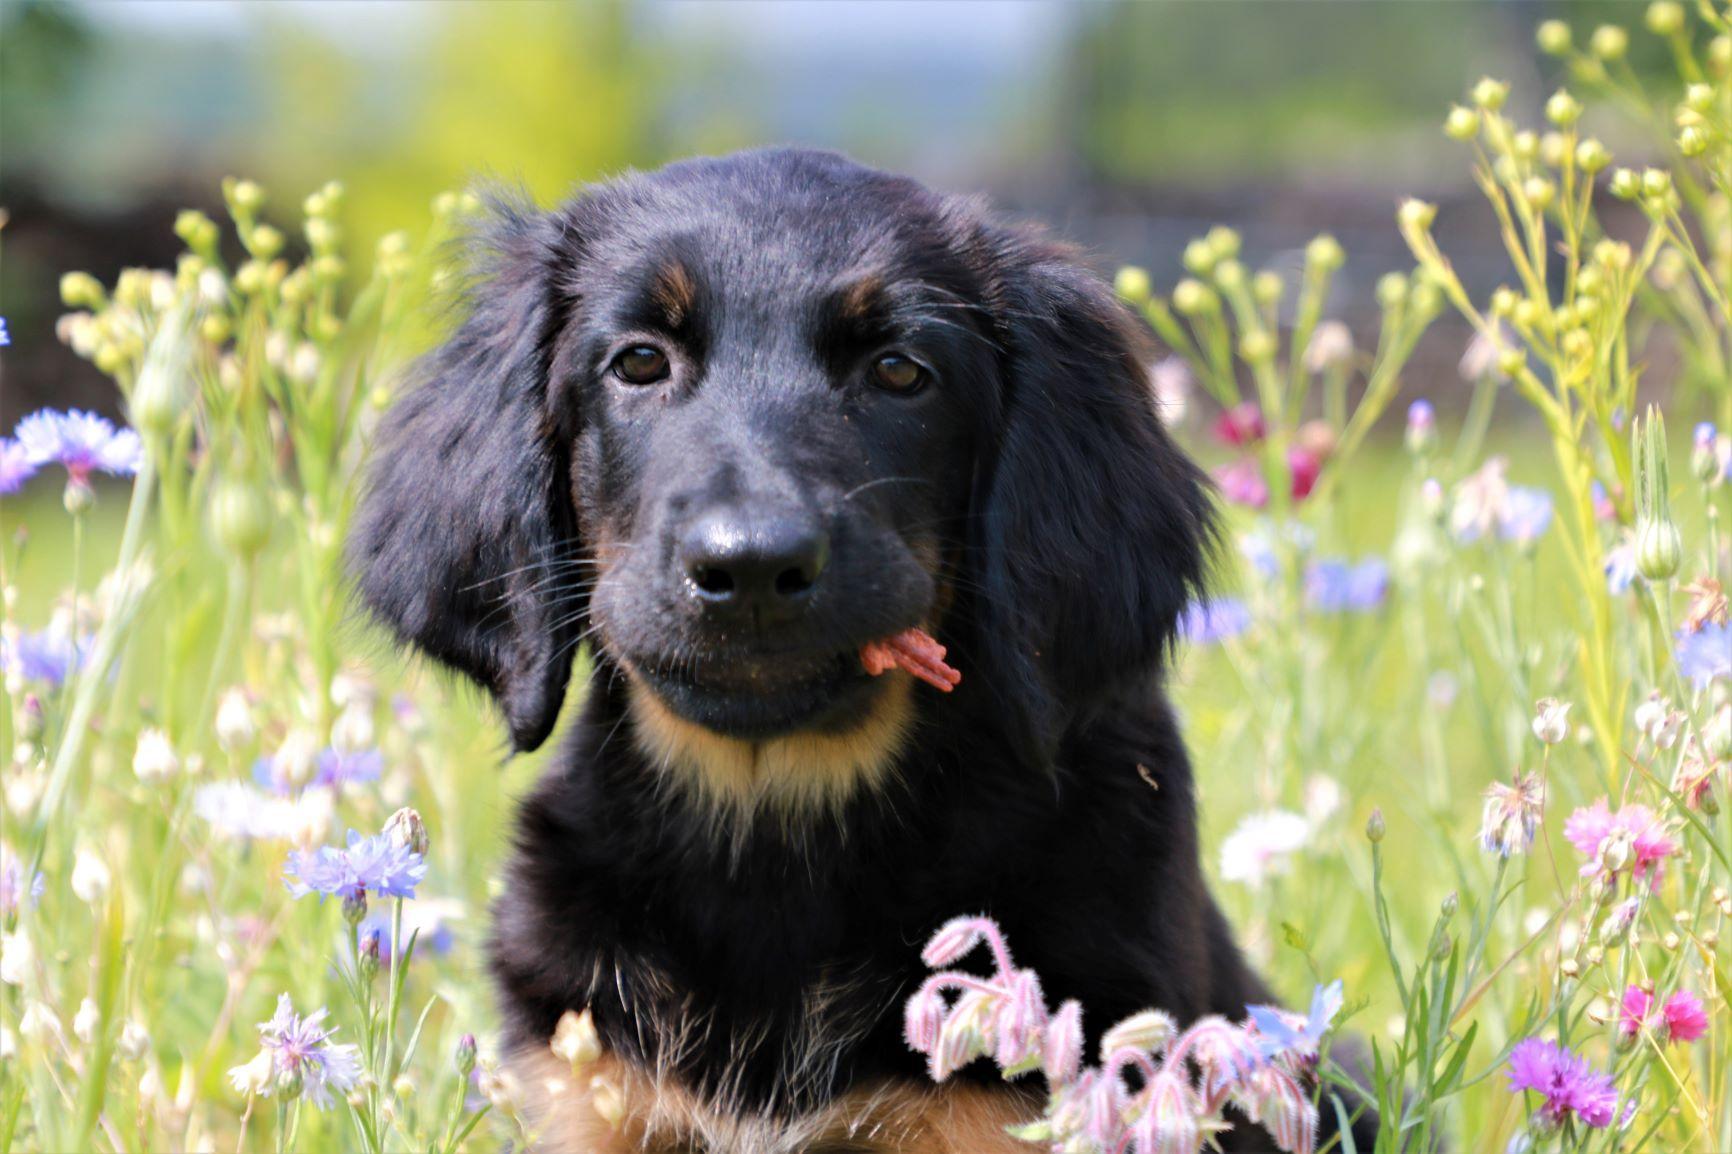 Ava auf der Blumenwiese, 3 Monate alt